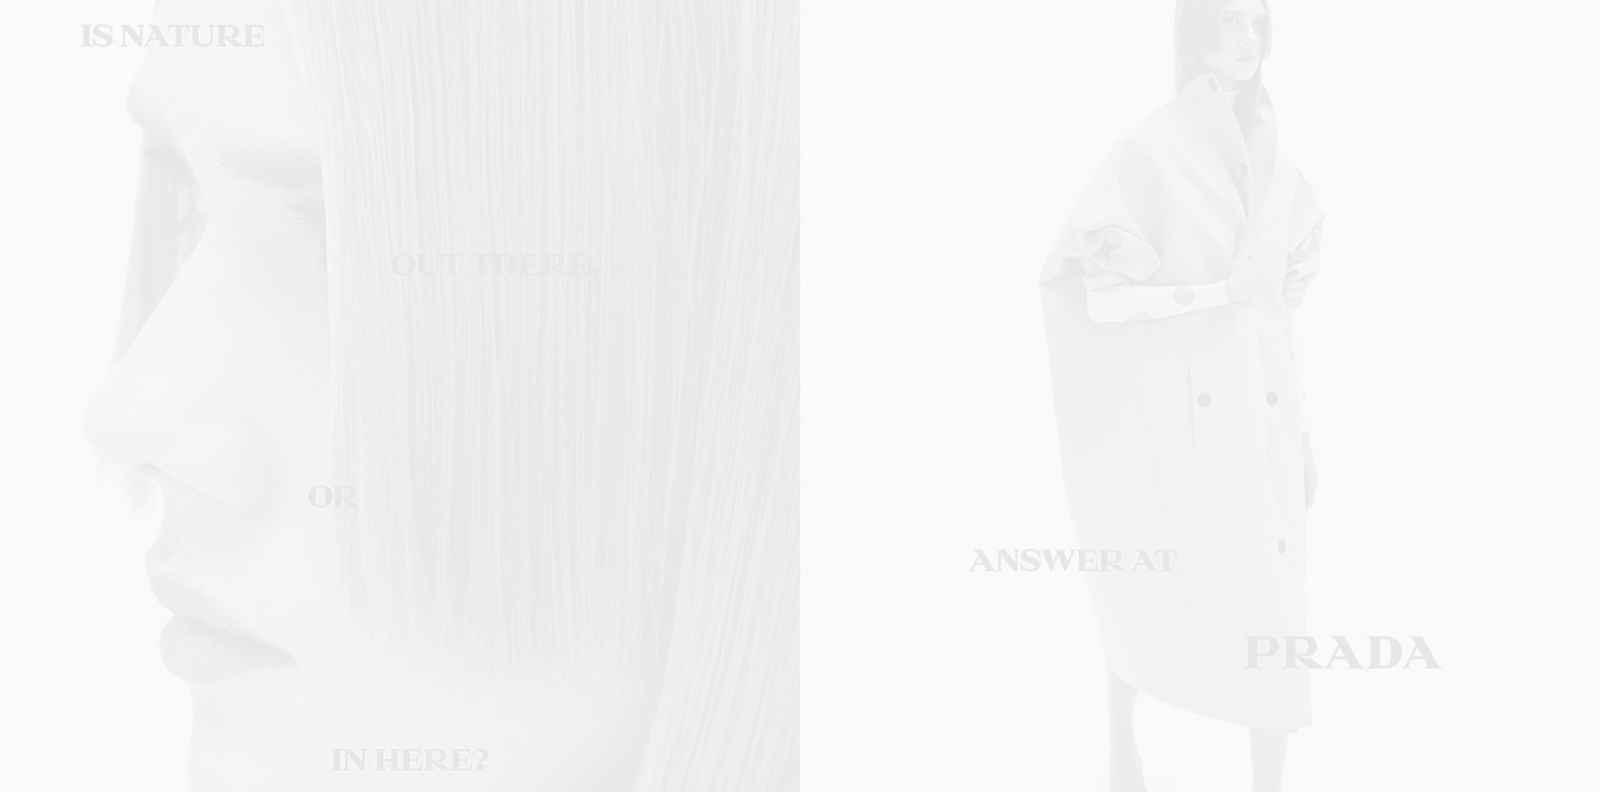 Културният барометър на Prada и Раф Симънс